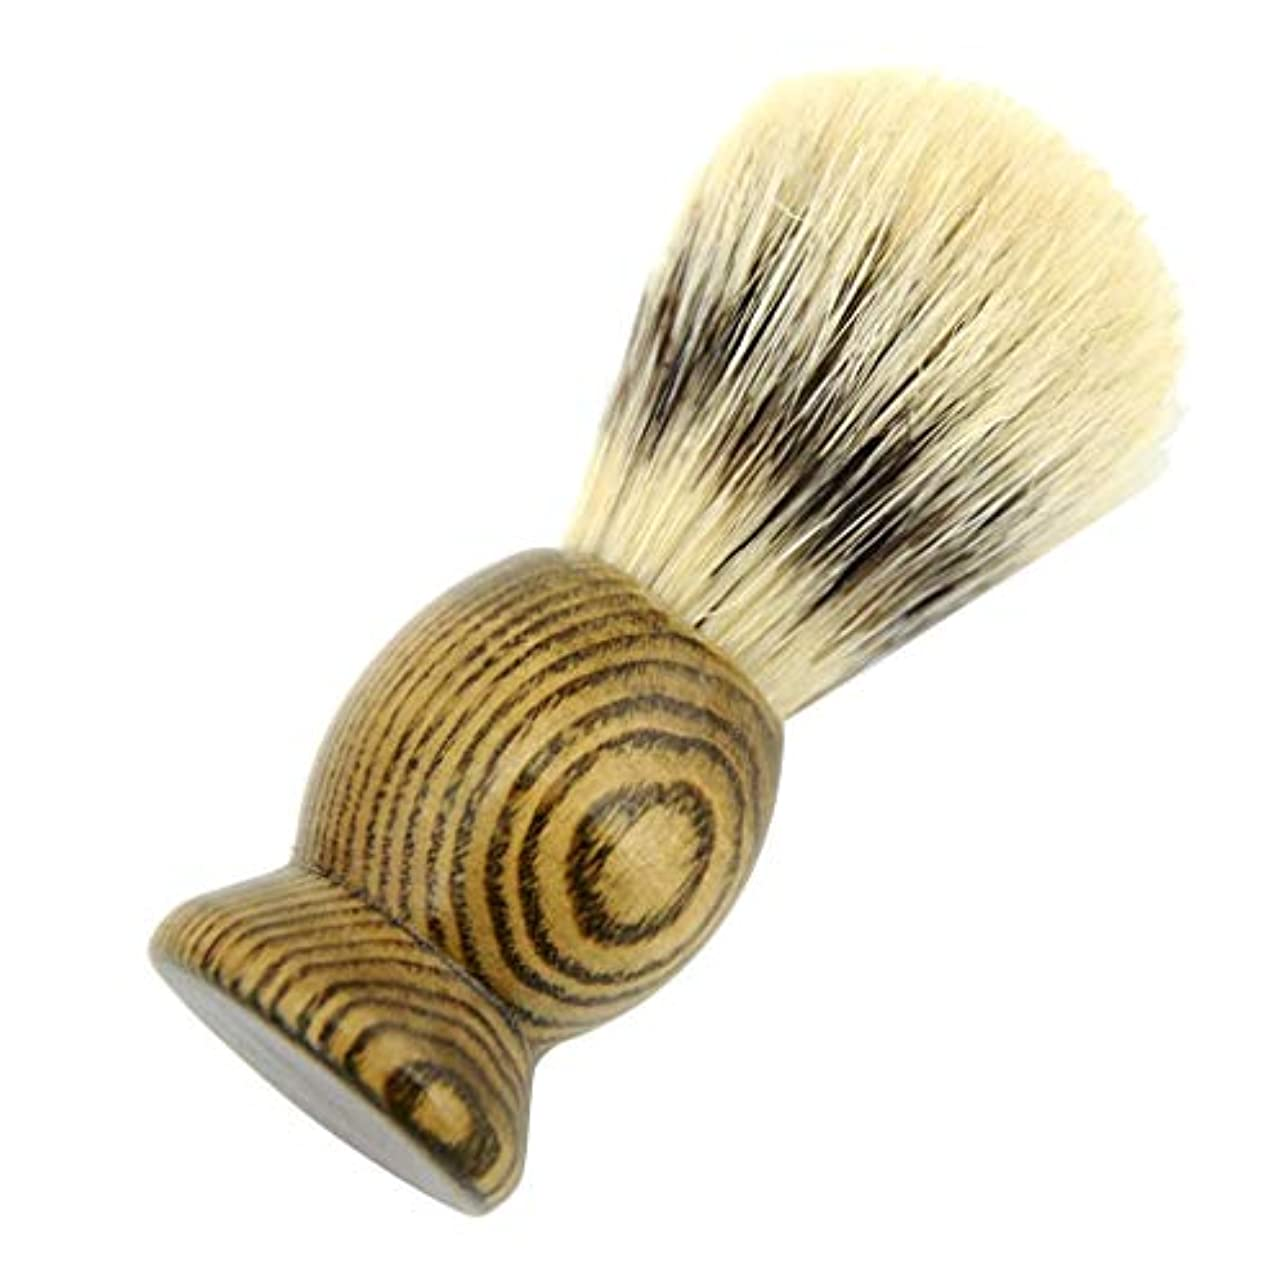 プリーツ大使悪党ひげブラシ メンズ シェービングブラシ 髭剃り 理容 洗顔 ポータブルひげ剃り美容ツール